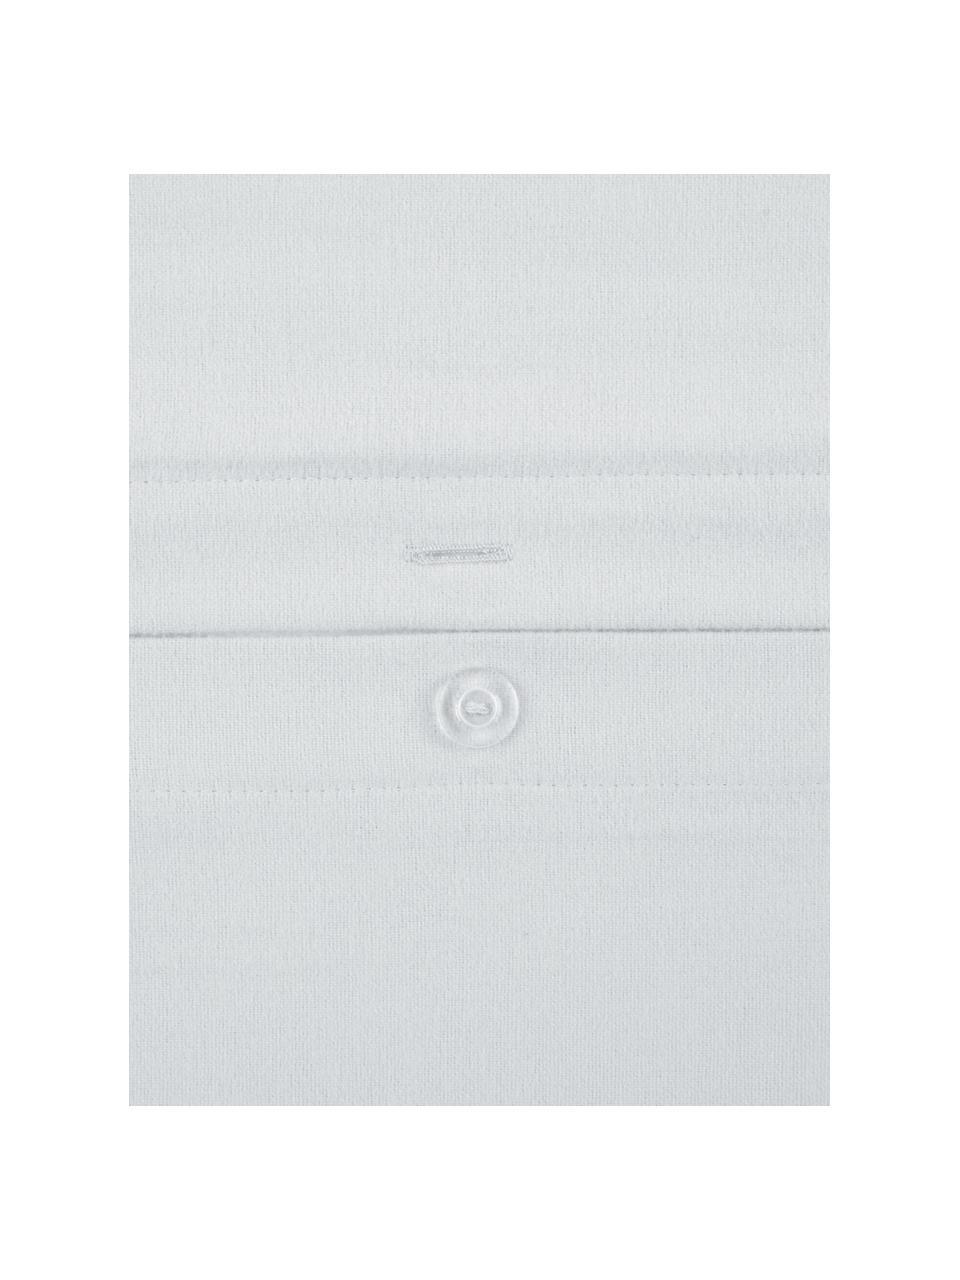 Pościel z flaneli Biba, Jasny szary, 135 x 200 cm + 1 poduszka 80 x 80 cm